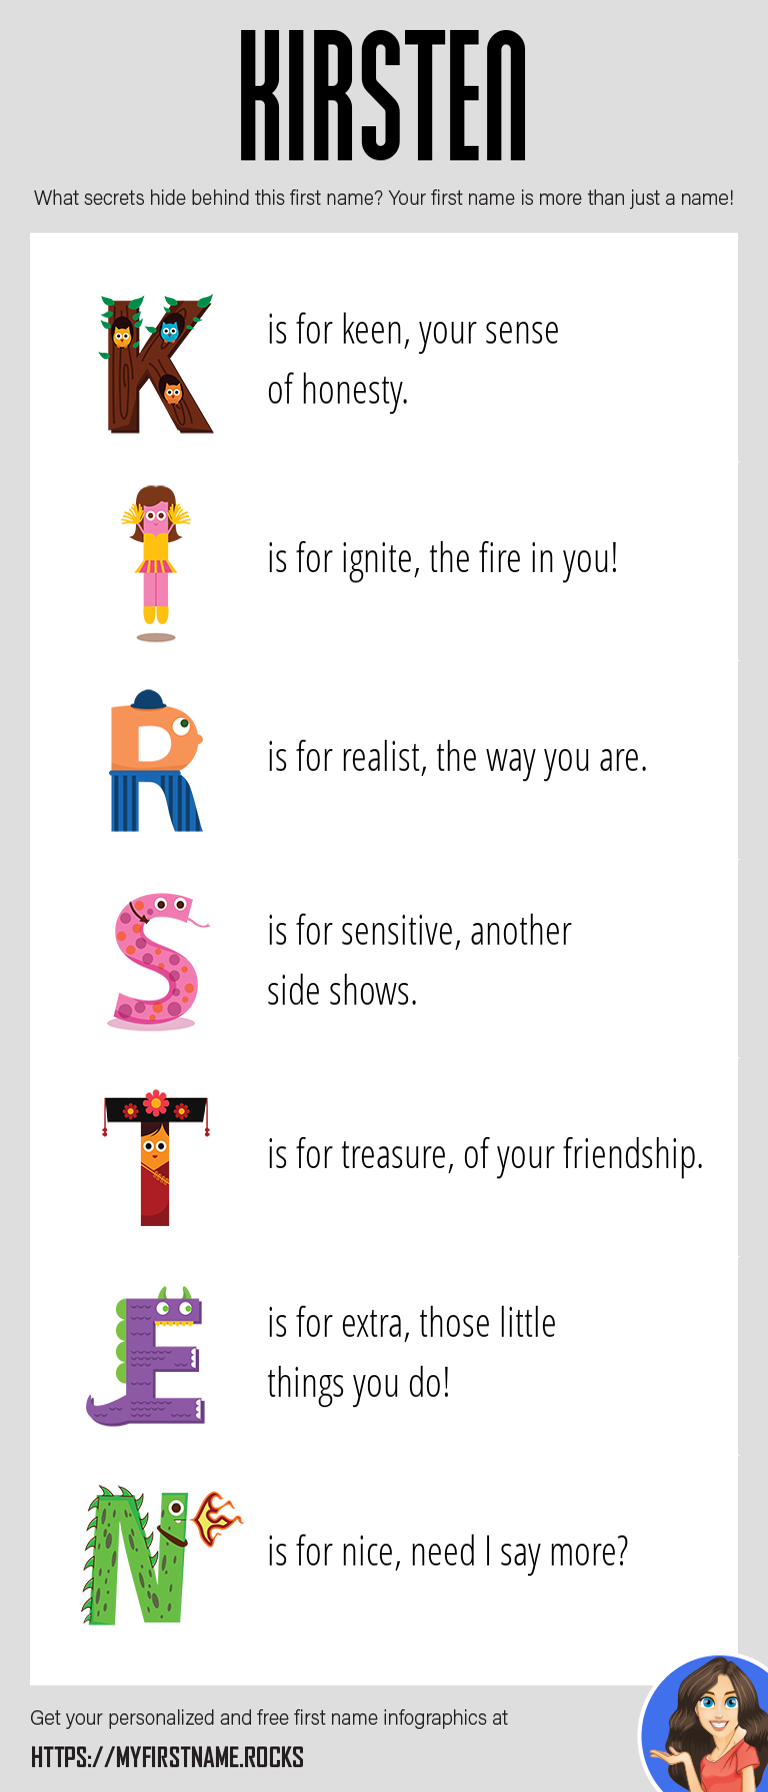 Kirsten Infographics